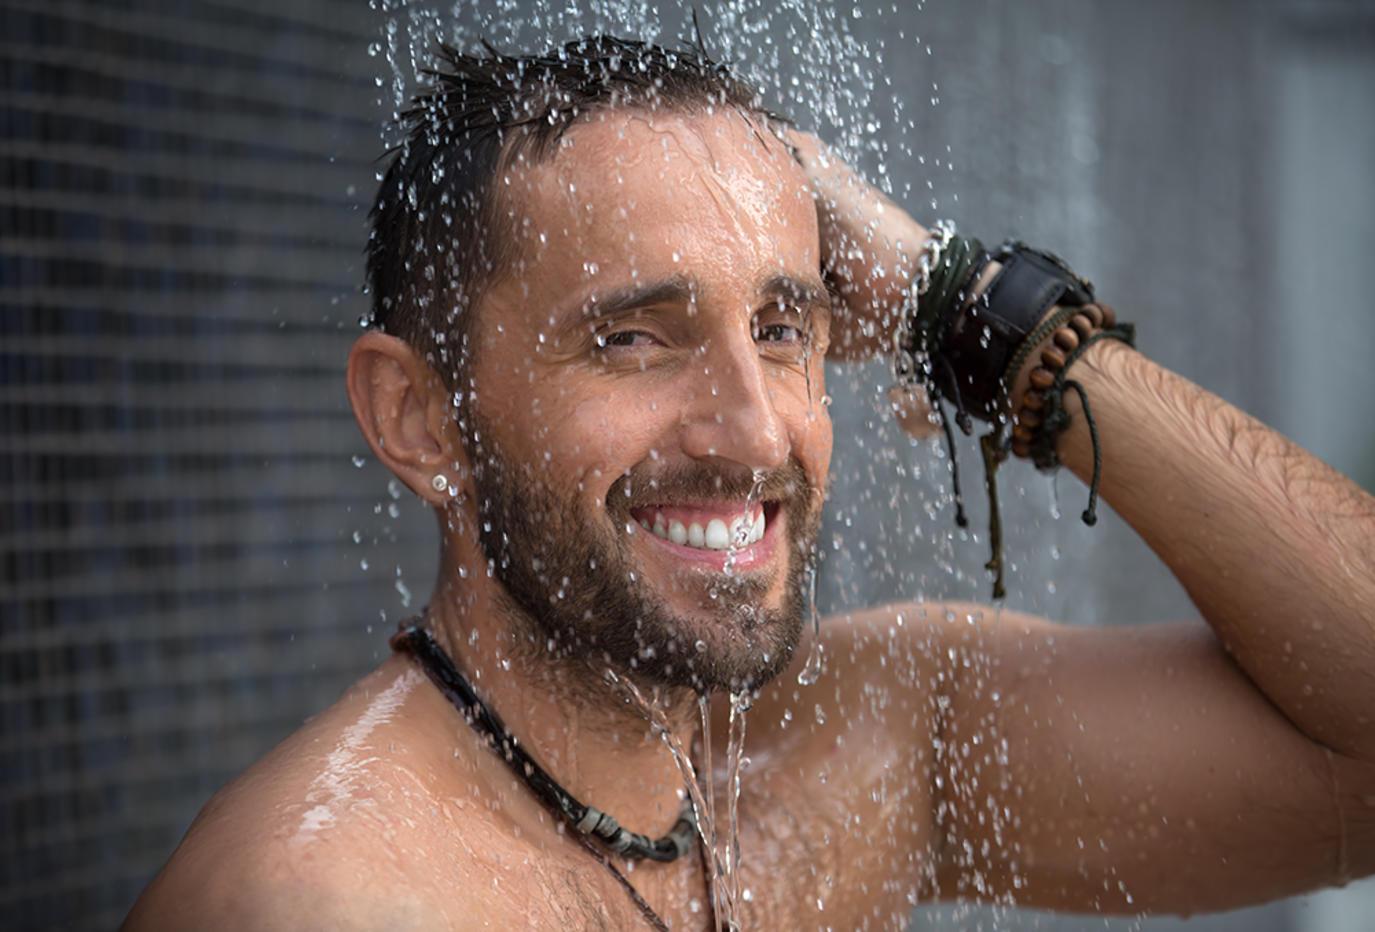 إليك ماذا سيحصل لأجسامنا عند الاستحمام بشكل يومي